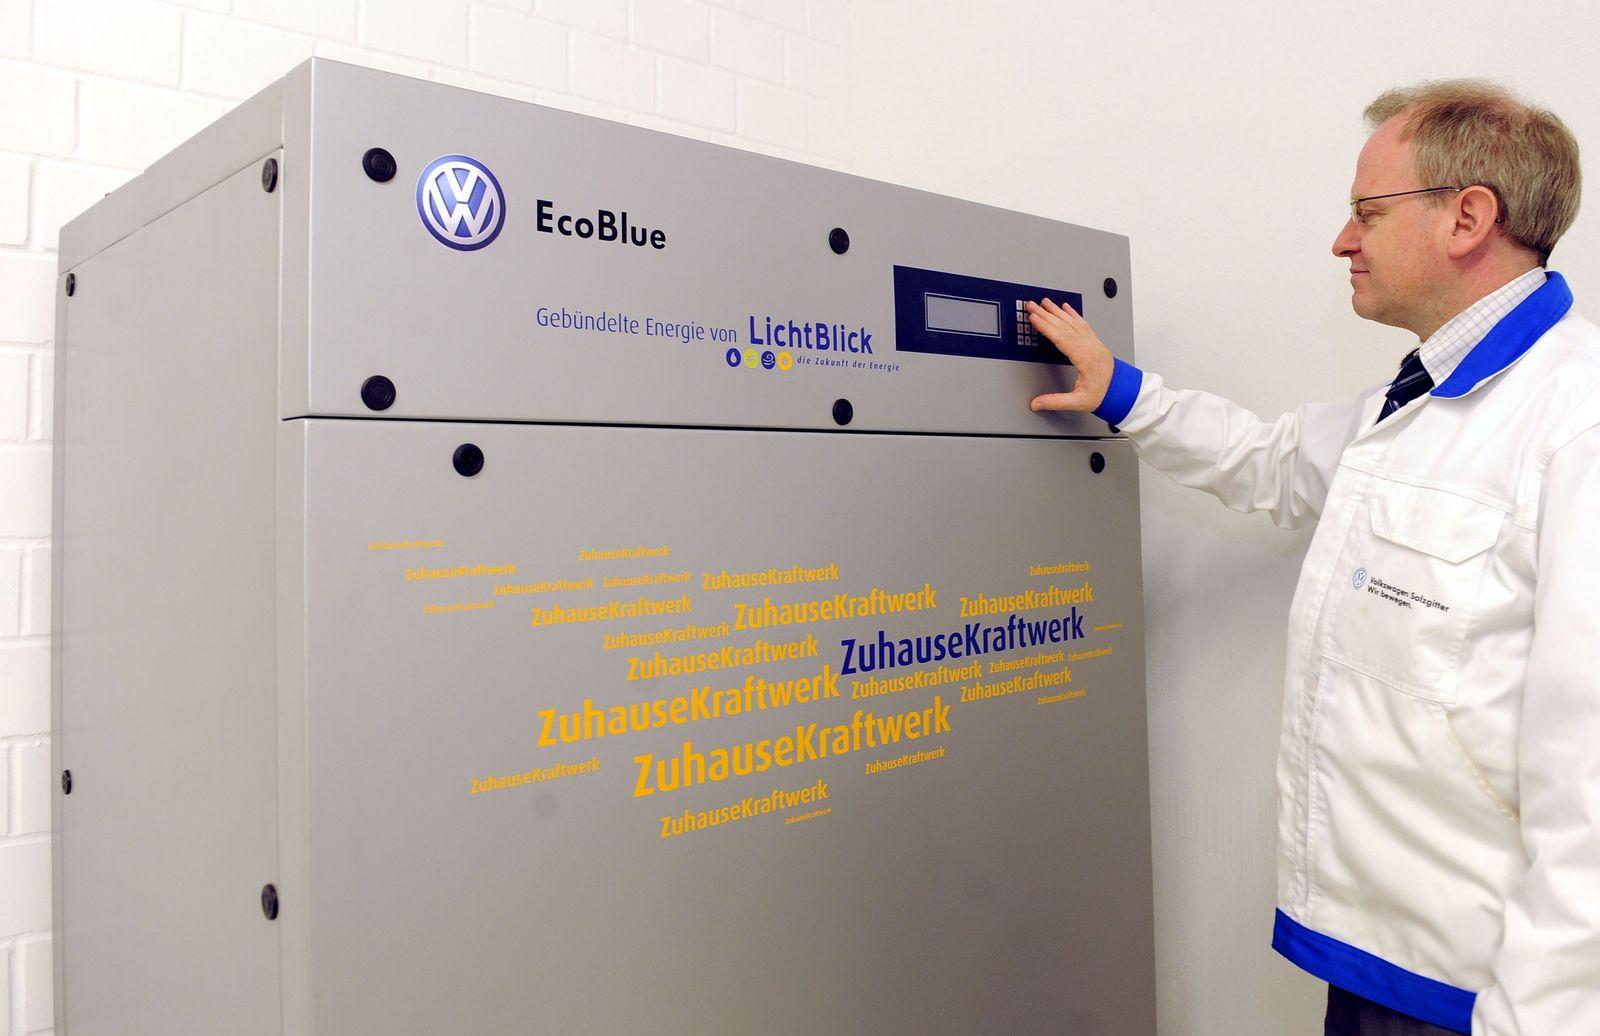 Umweltfreundliche Minikraftwerke angetrieben von VW-Motoren